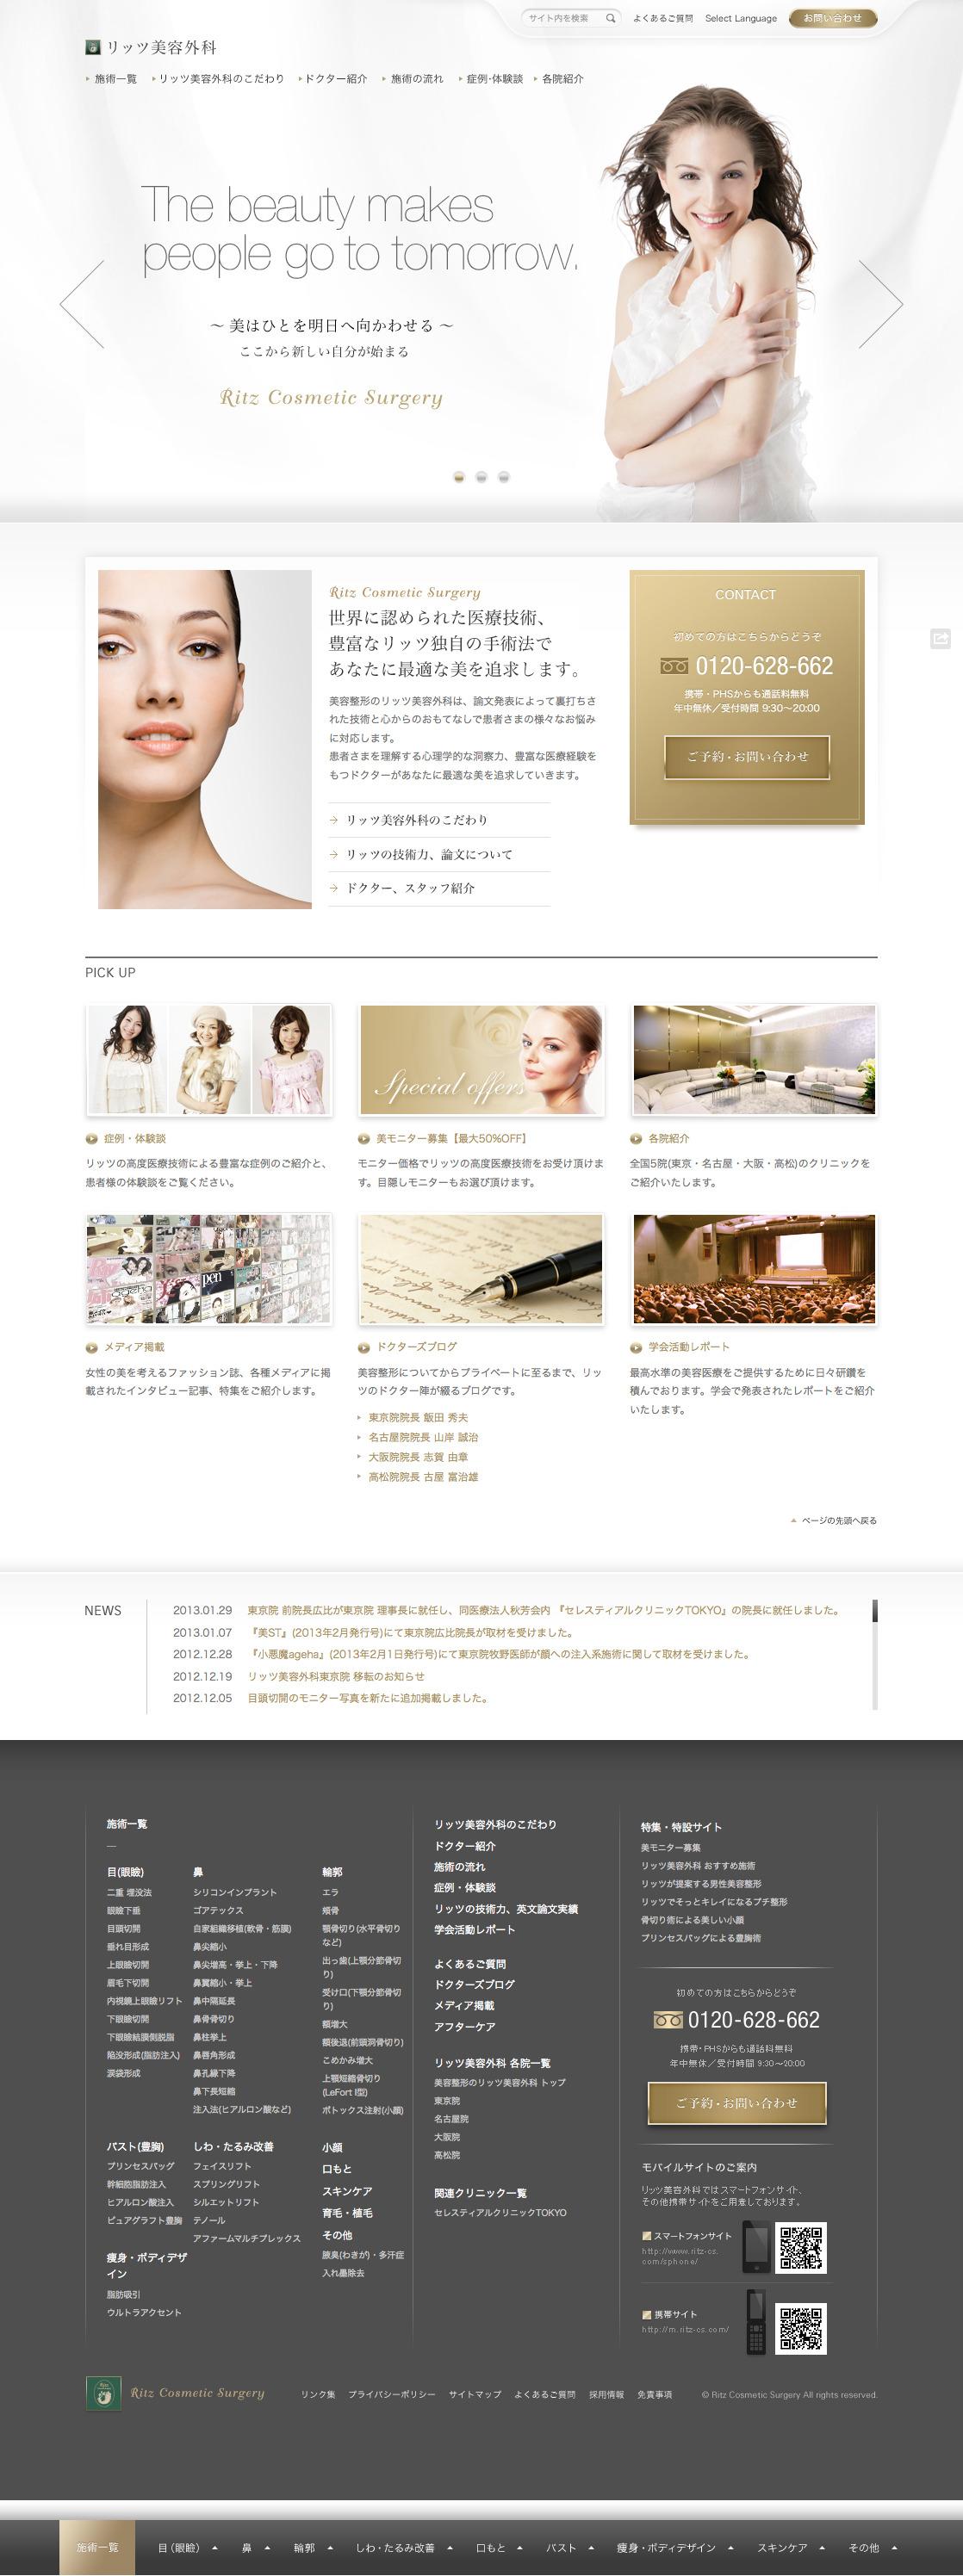 美容整形のセレブブランド-リッツ美容外科|高い技術で安心の美容整形を